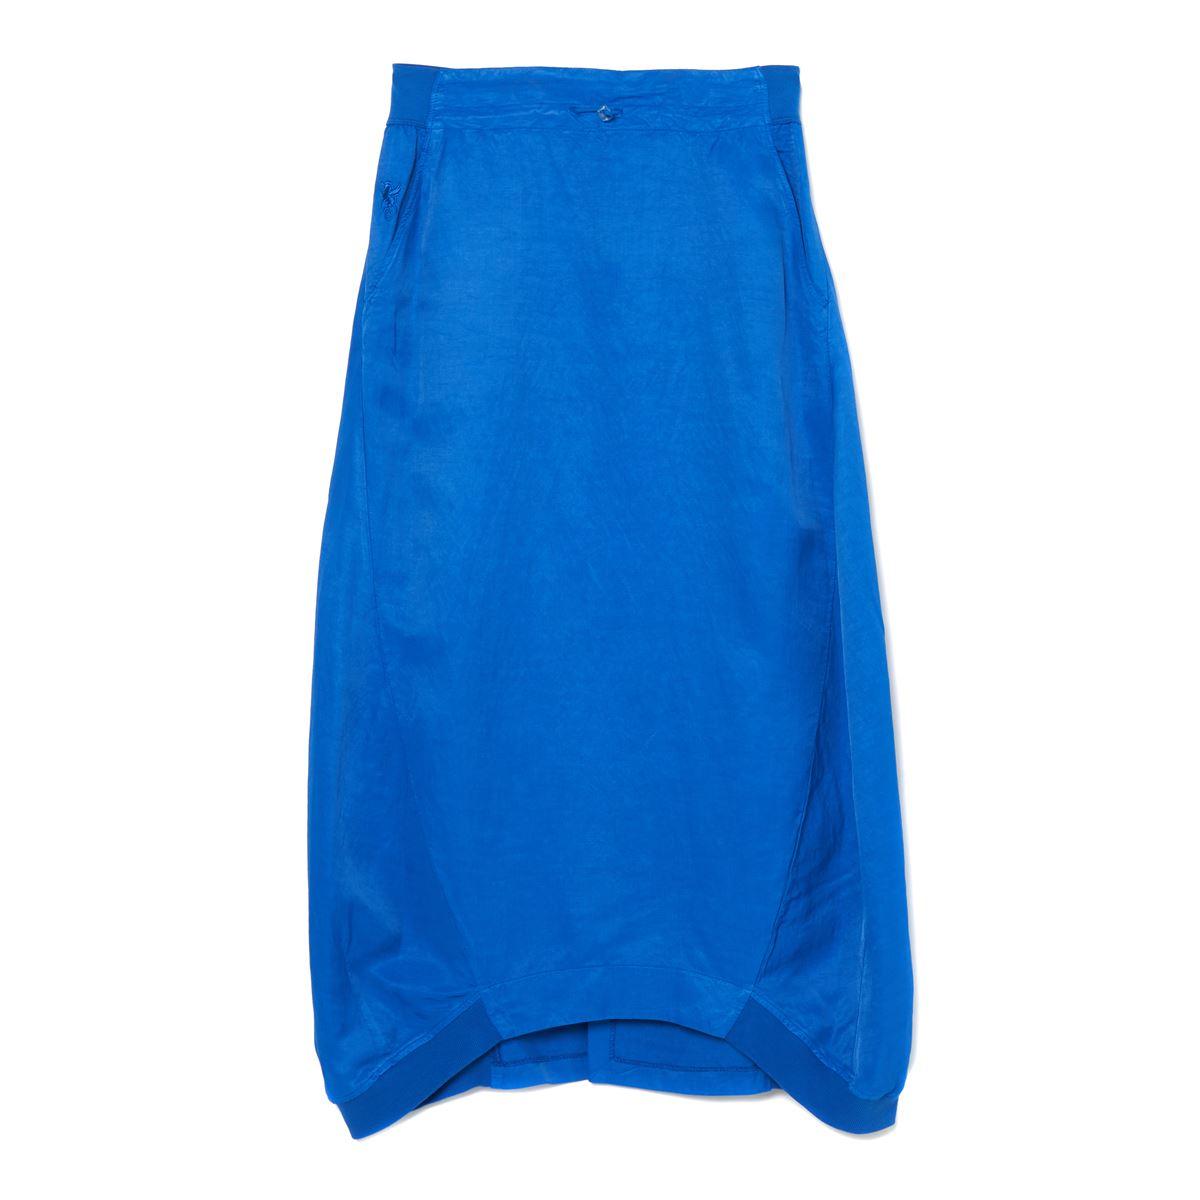 [40%OFF]EUROPEAN CULTURE[ヨーロピアンカルチャー]  253U 7083-1542 スカート ブルー